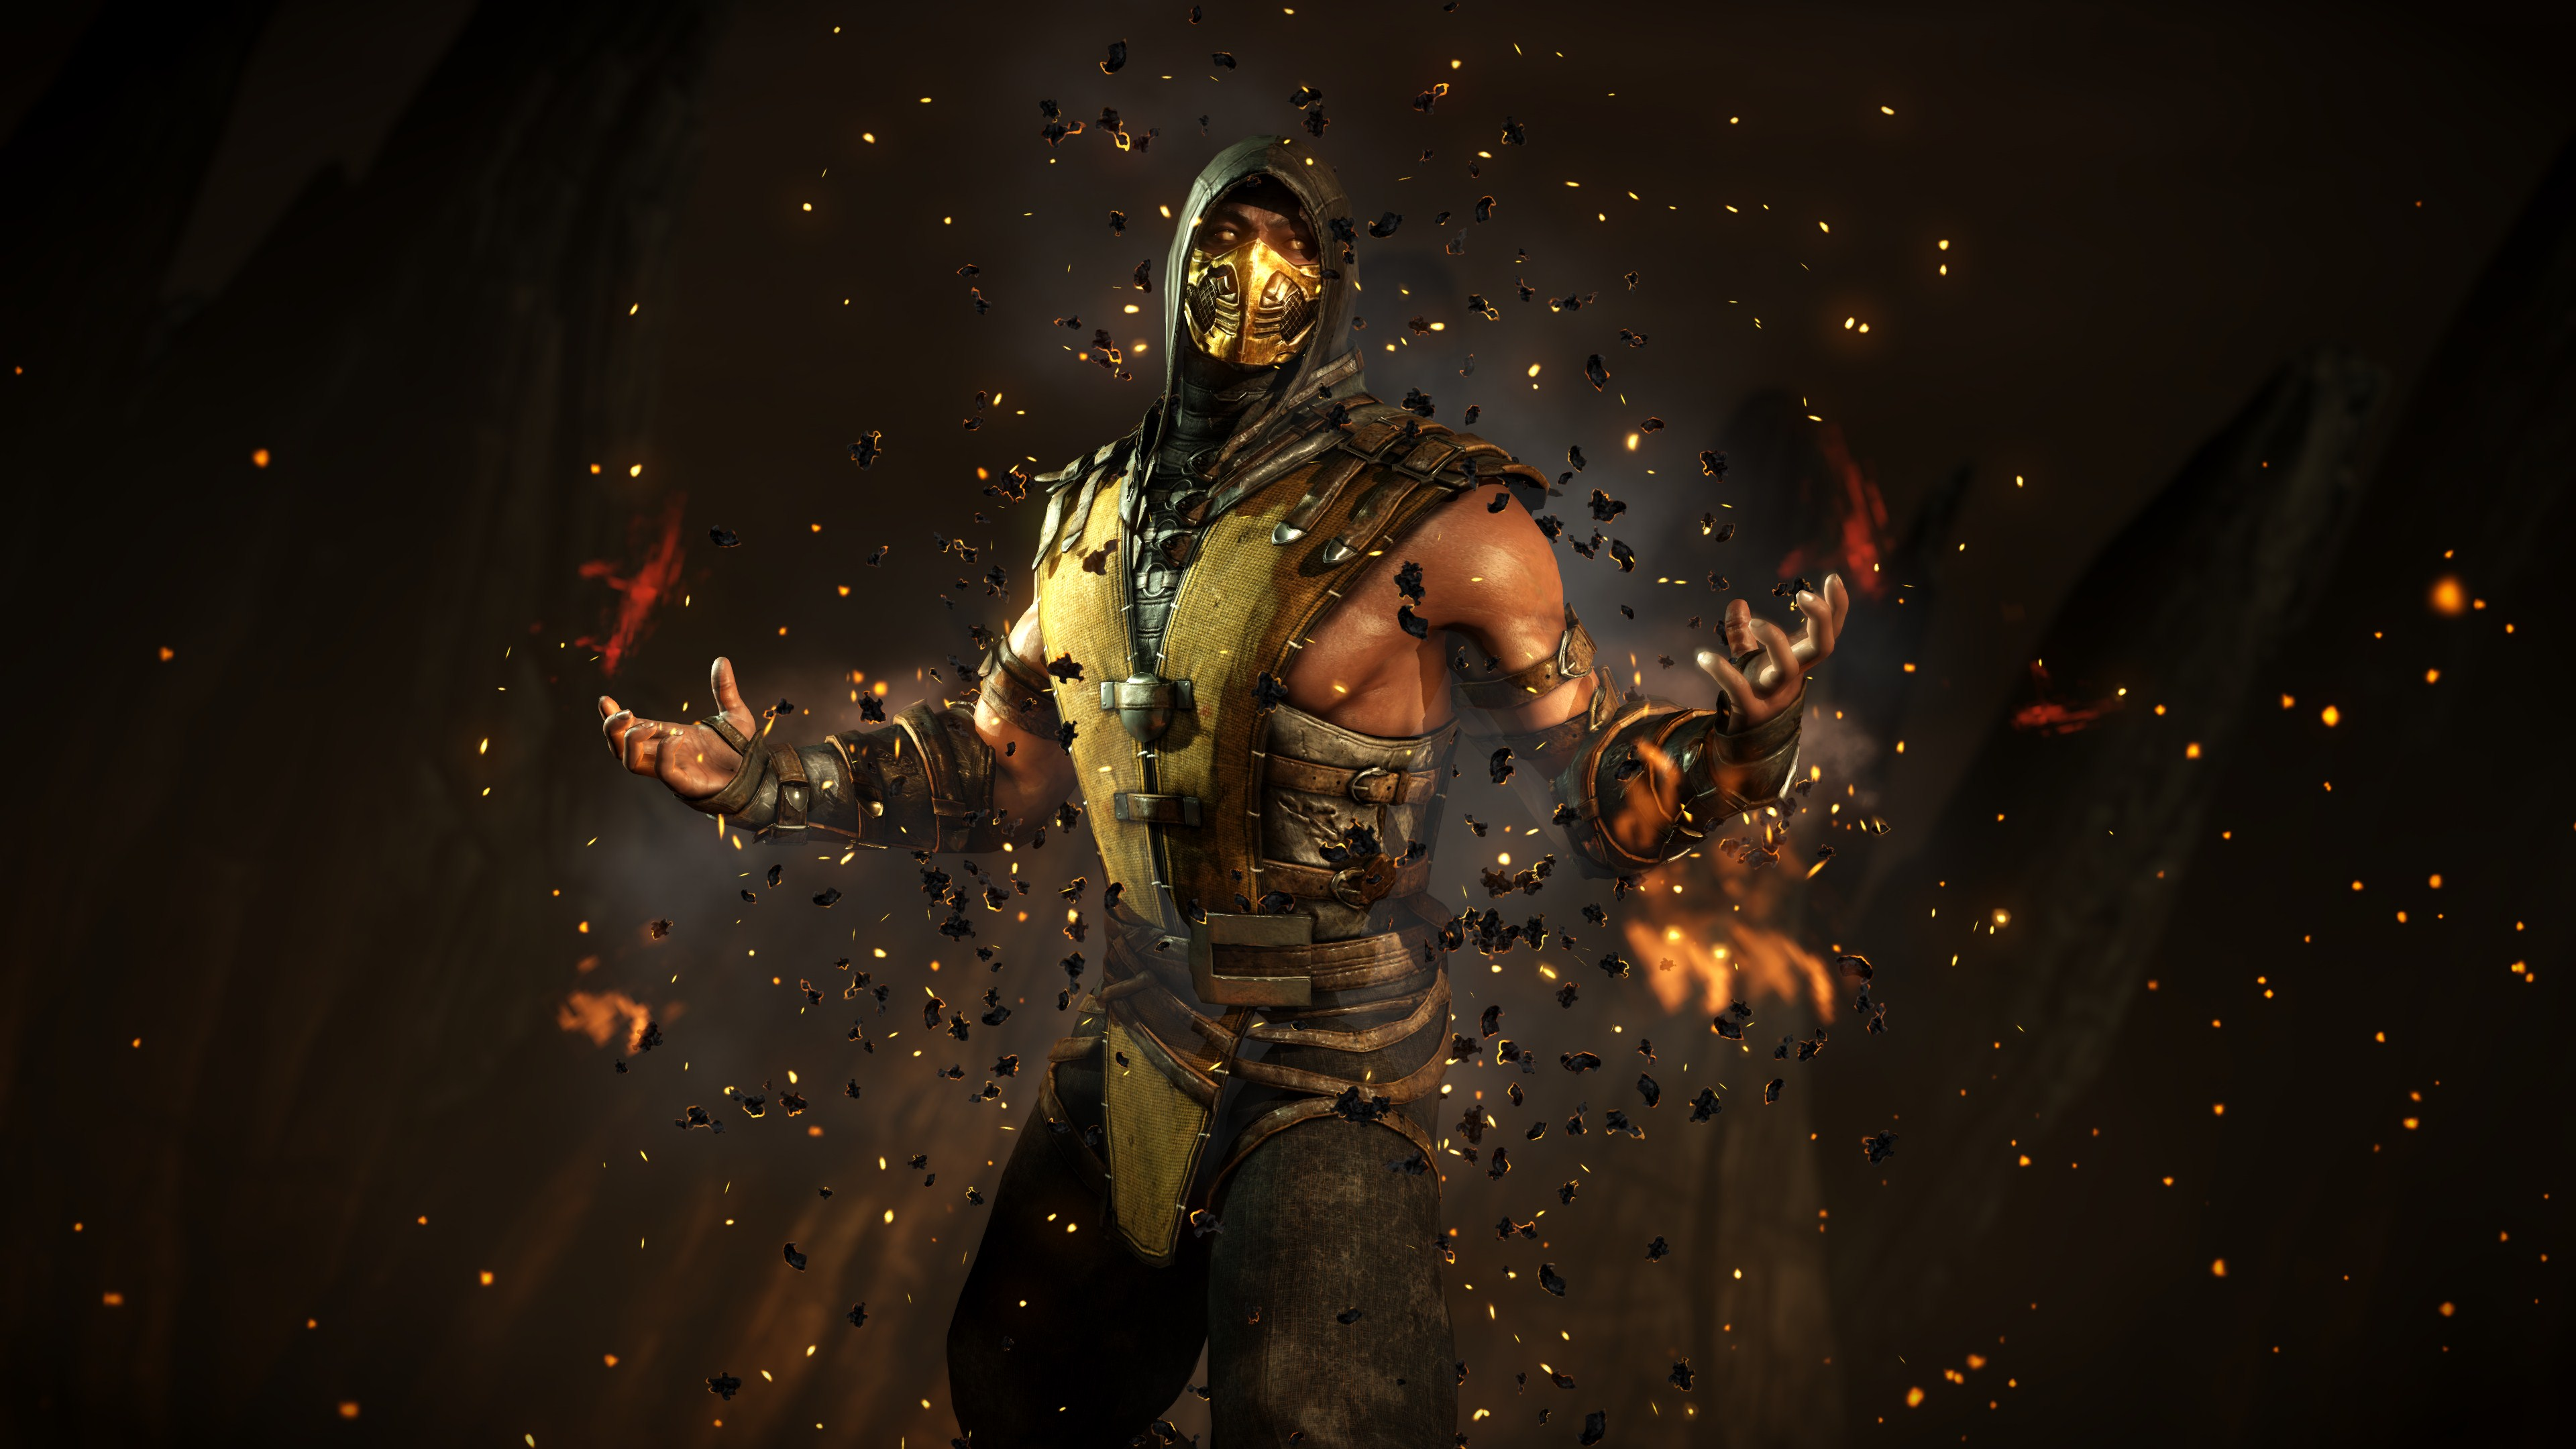 Mortal Kombat X Scorpion Wallpaper 3840x2160